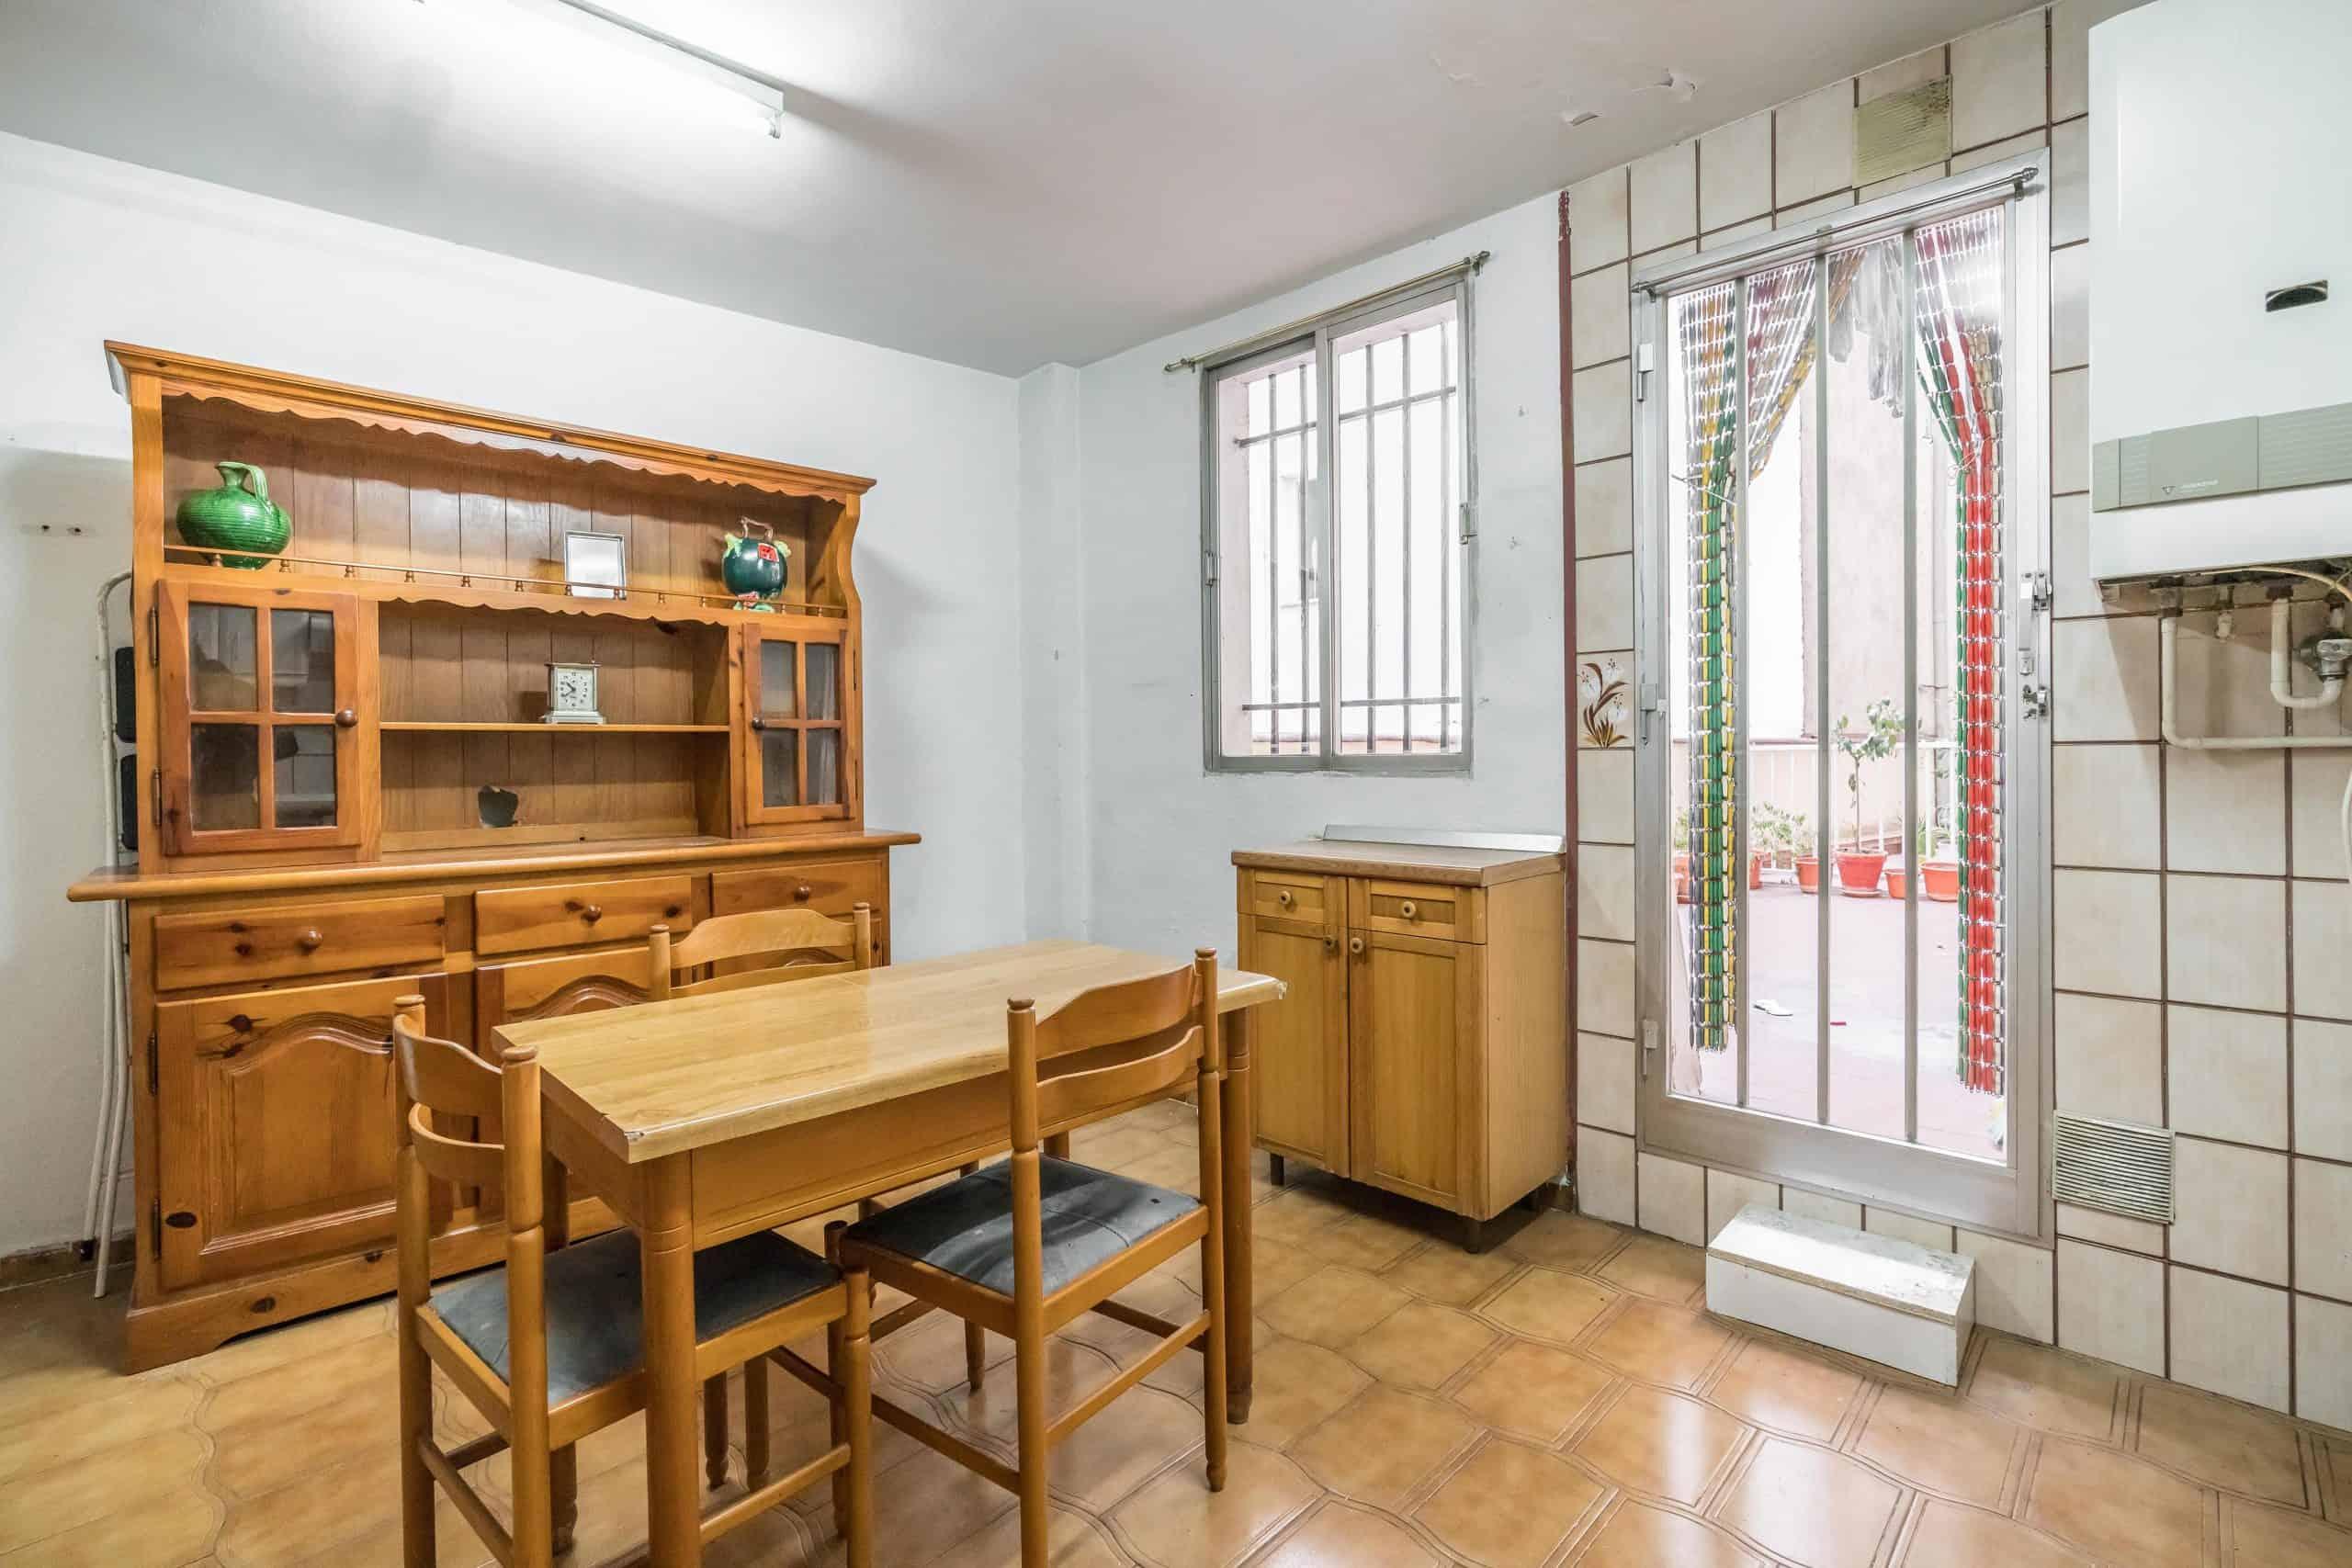 Agencia Inmobiliaria de Madrid-FUTUROCASA-Zona ARGANZUELA-LEGAZPI -calle Jaime Conquistador 27- Cocina 1